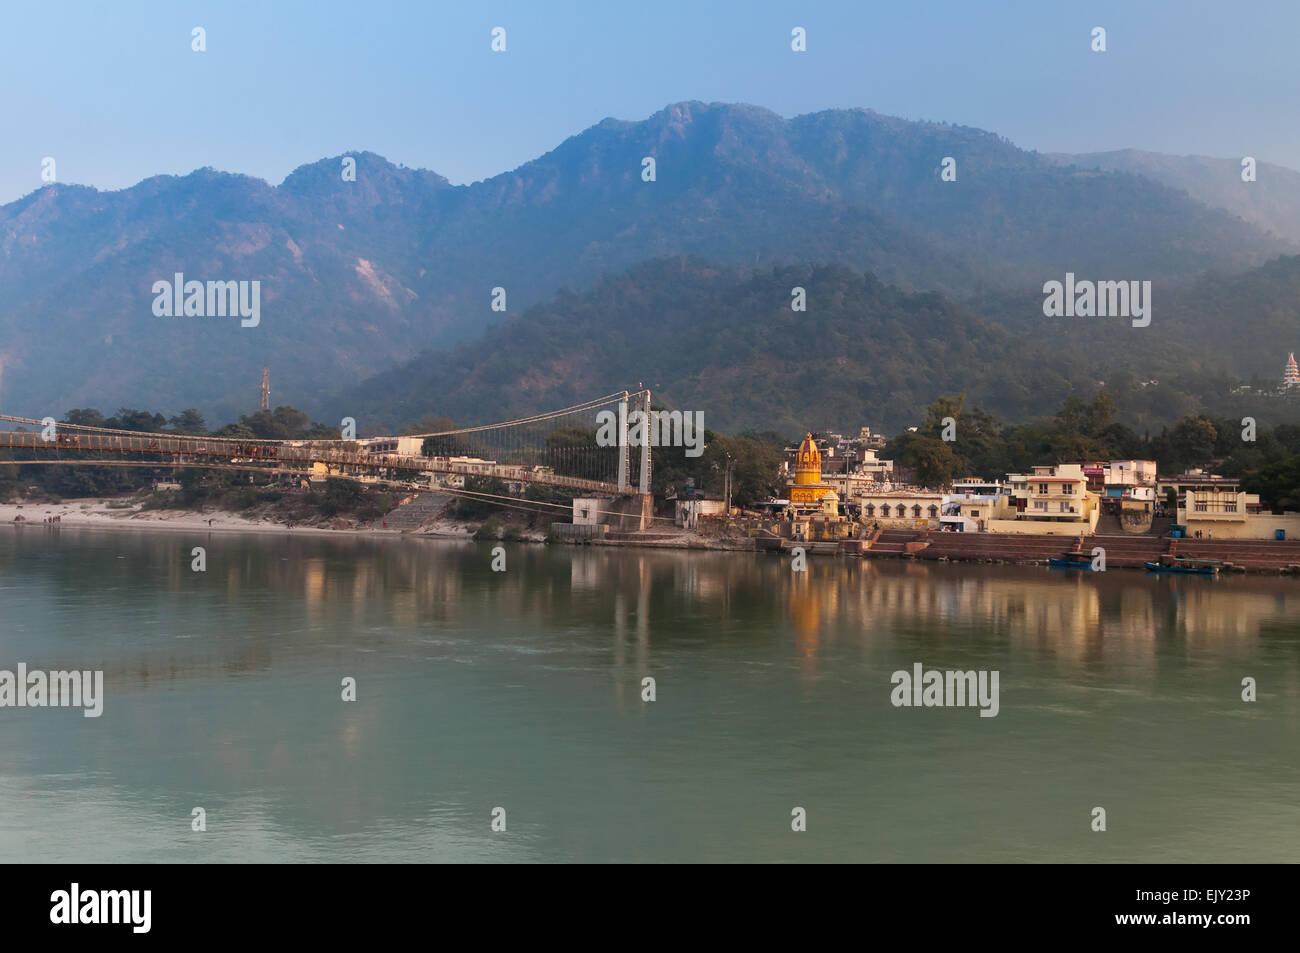 Vista del río Ganga y Ram Jhula bridge. Rishikesh Imagen De Stock